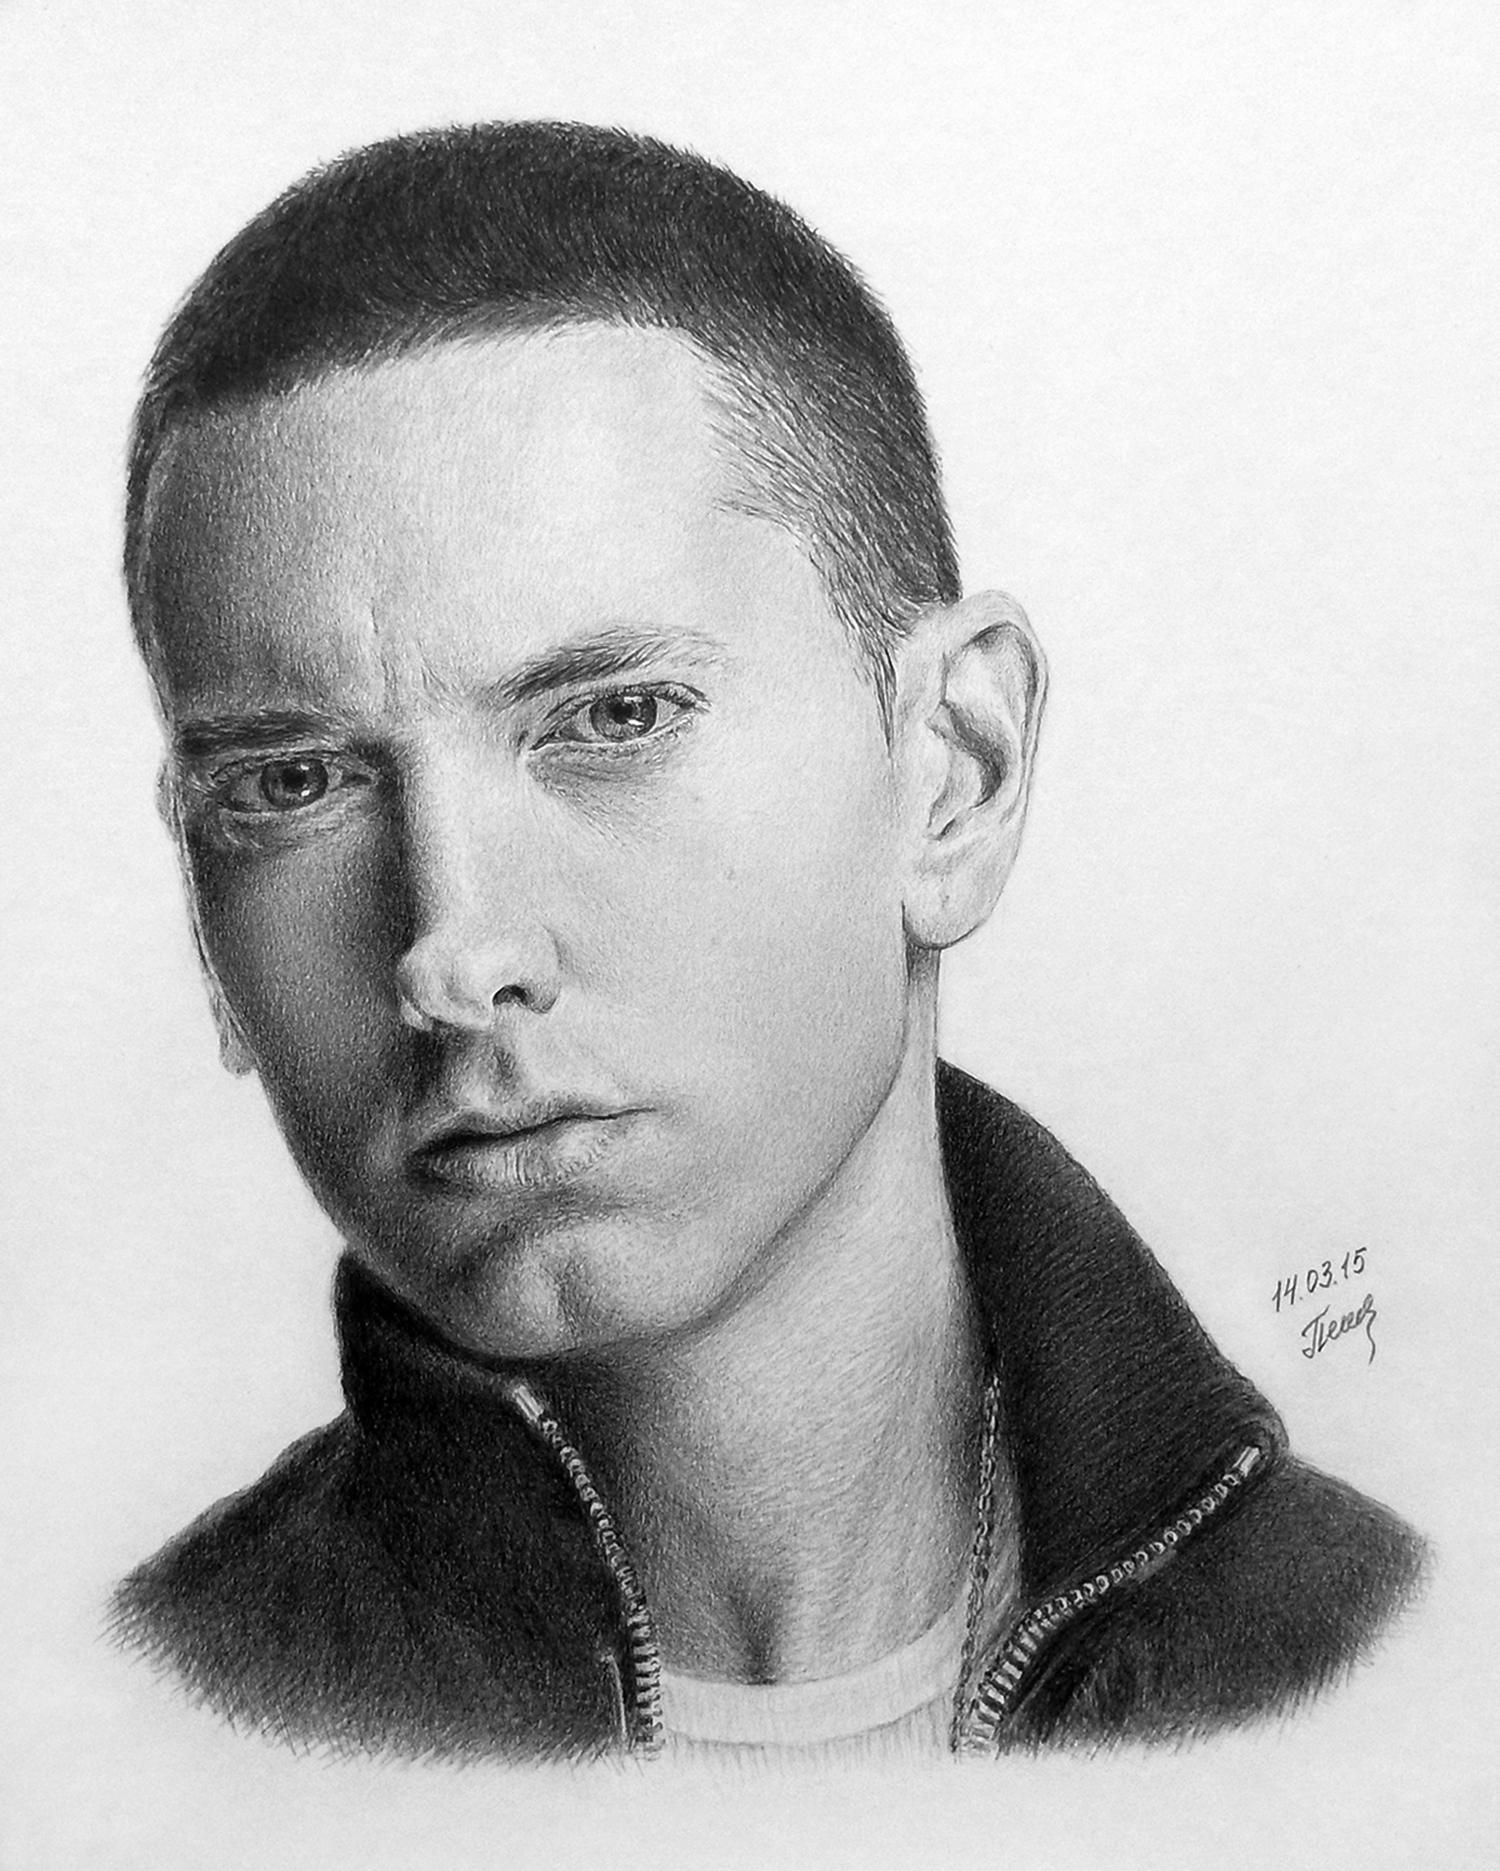 Rap god video | Eminem, Eminem rap, Square sunglasses men | 1871x1500